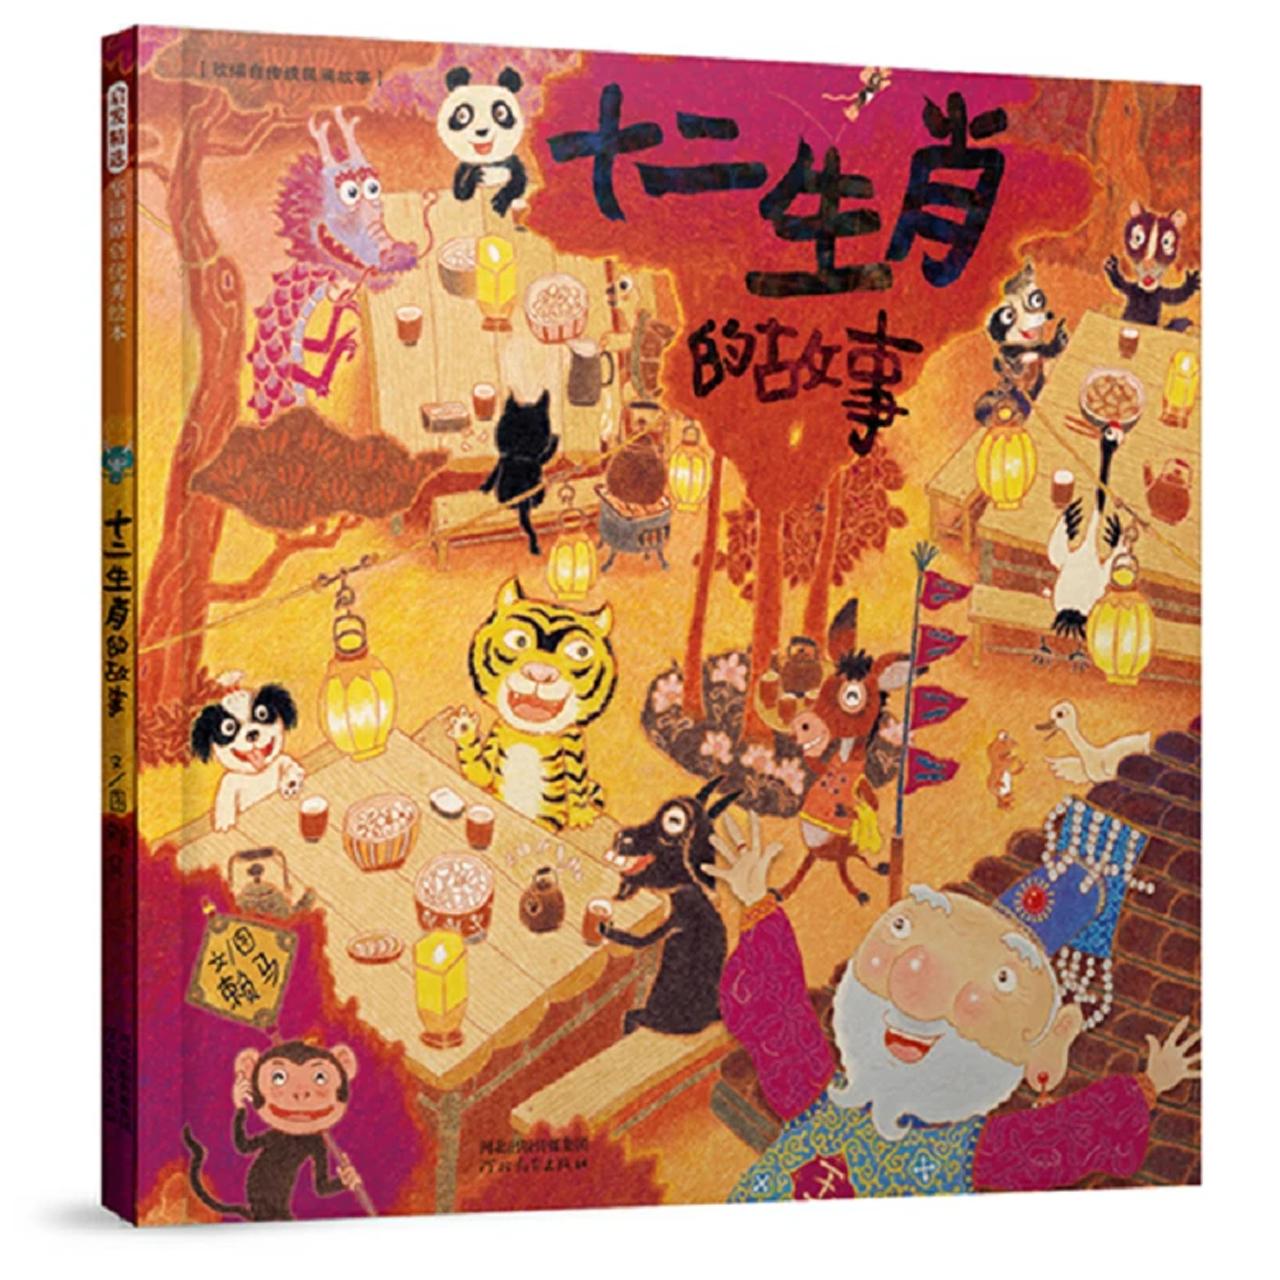 十二生肖的故事【儿童绘本/有趣故事/12生肖】